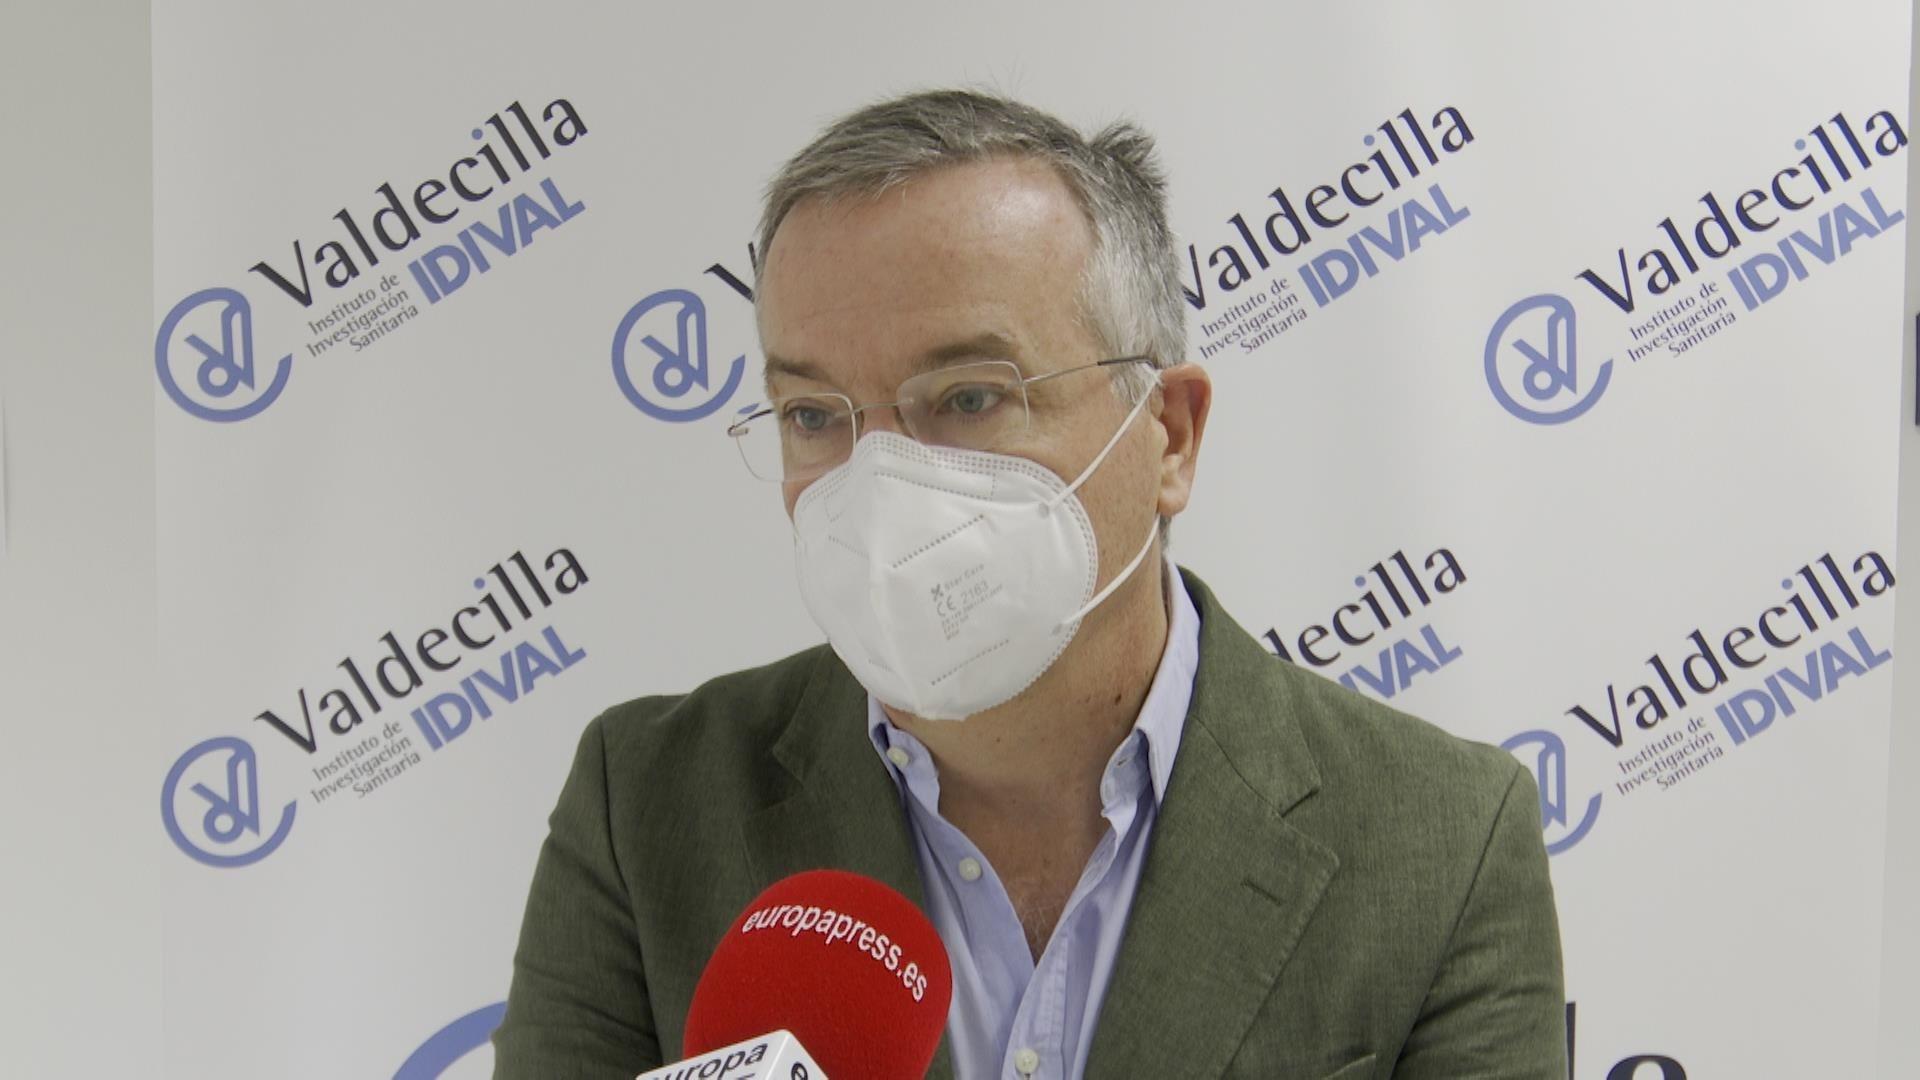 El director de gestión de la Fundación Instituto de Investigación Marqués de Valdecilla, Galo Peralta. - EUROPA PRESS